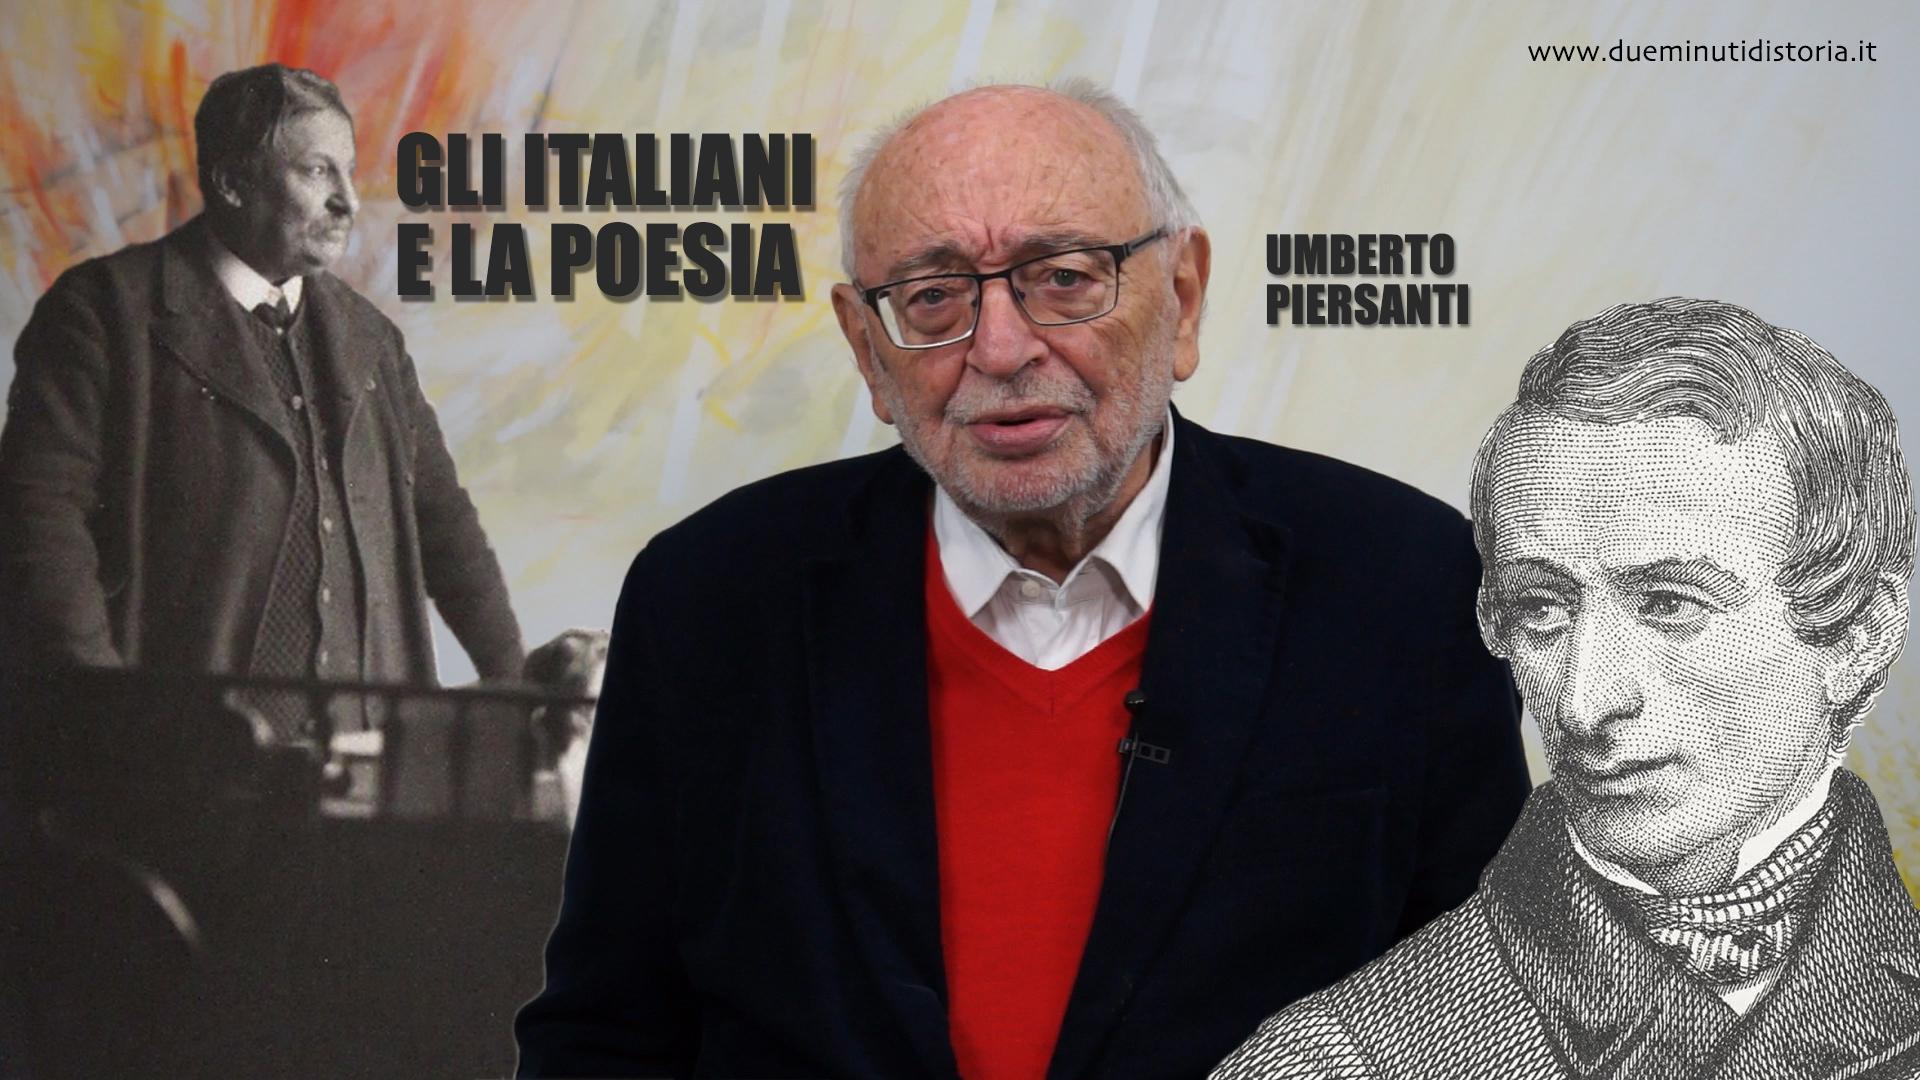 Gli italiani e la poesia